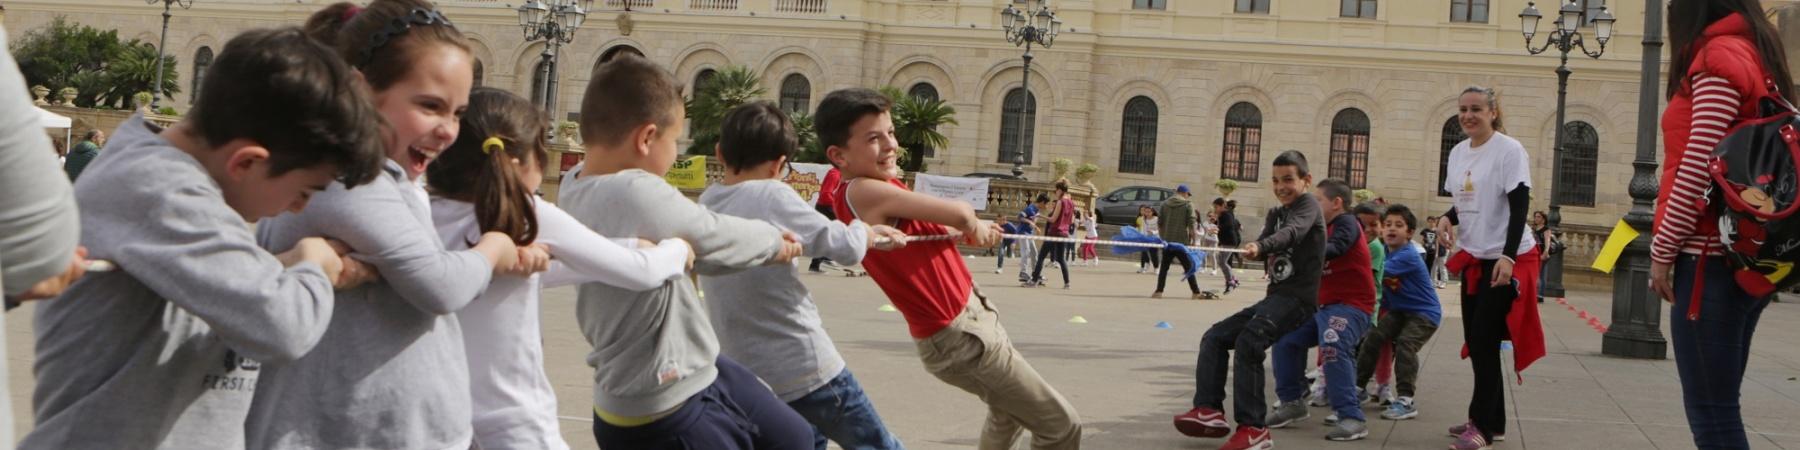 ragazzi giocano a tiro alla fune in piazza